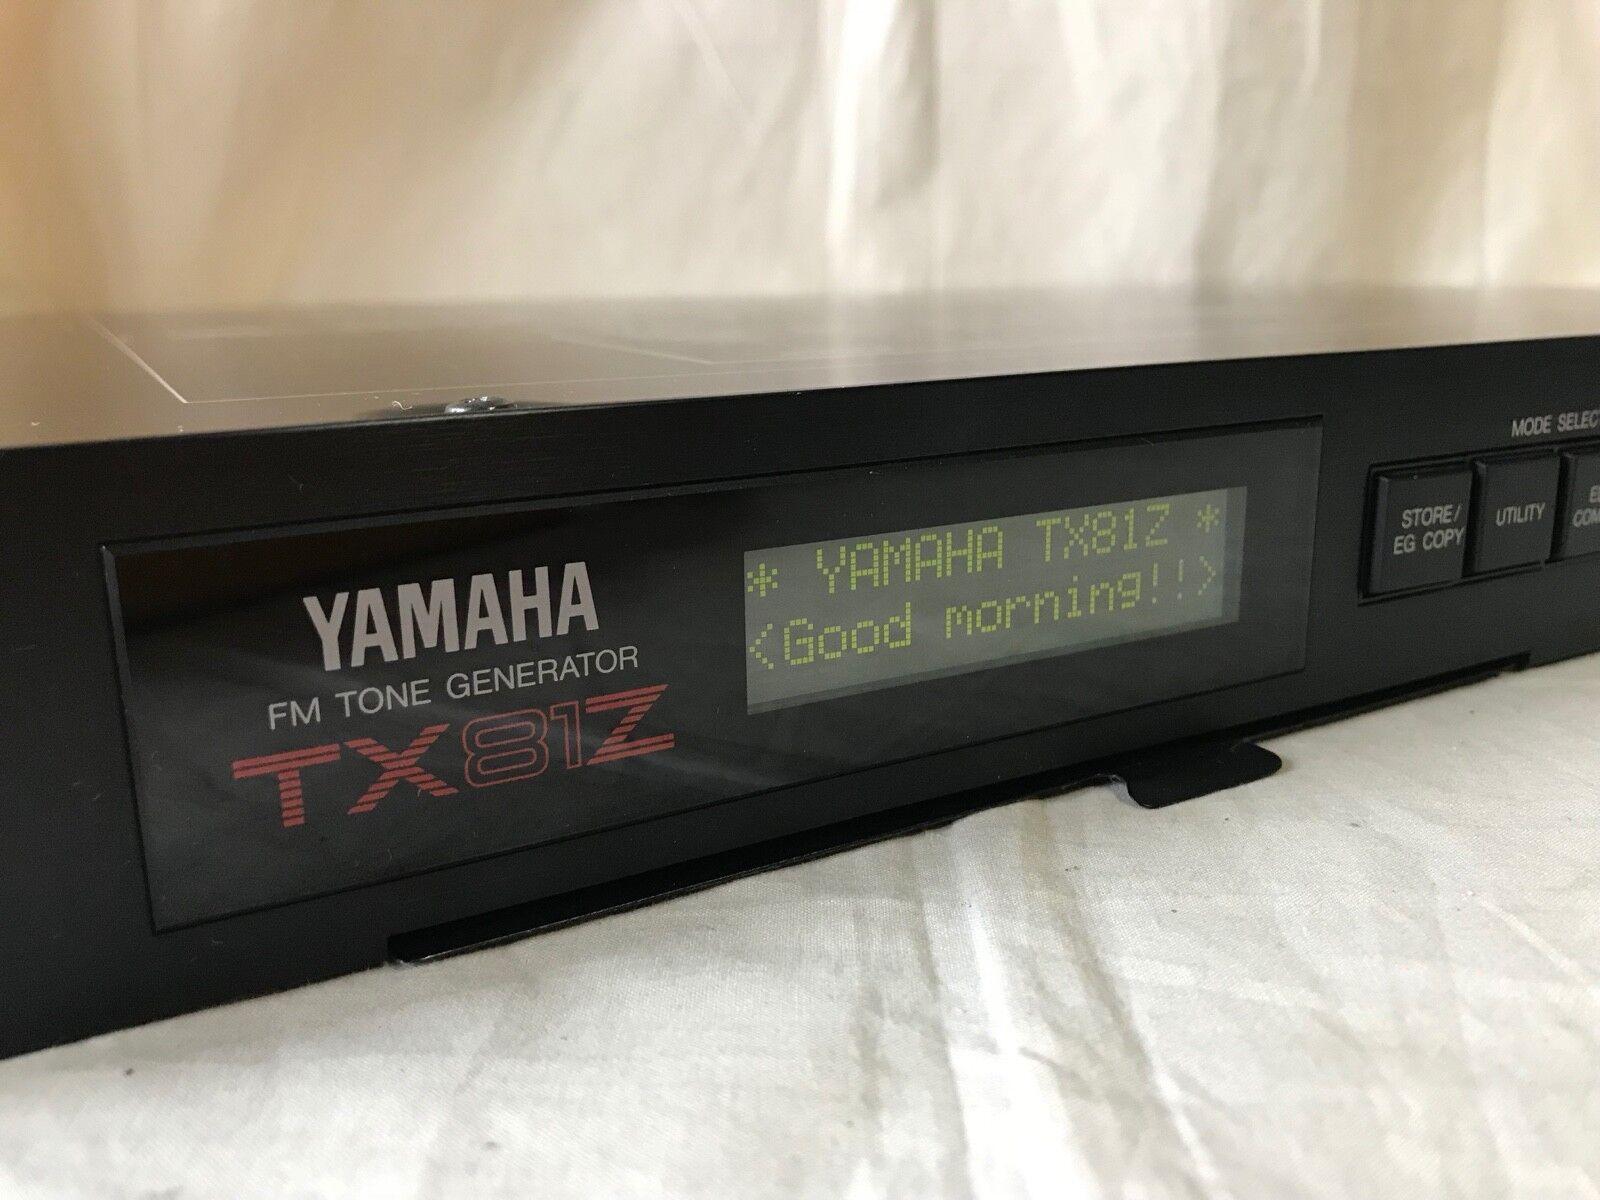 YAMAHA TX81Z FM TONE GENERATOR SYNTHEGrößeR RACK MOUNT New internal battery